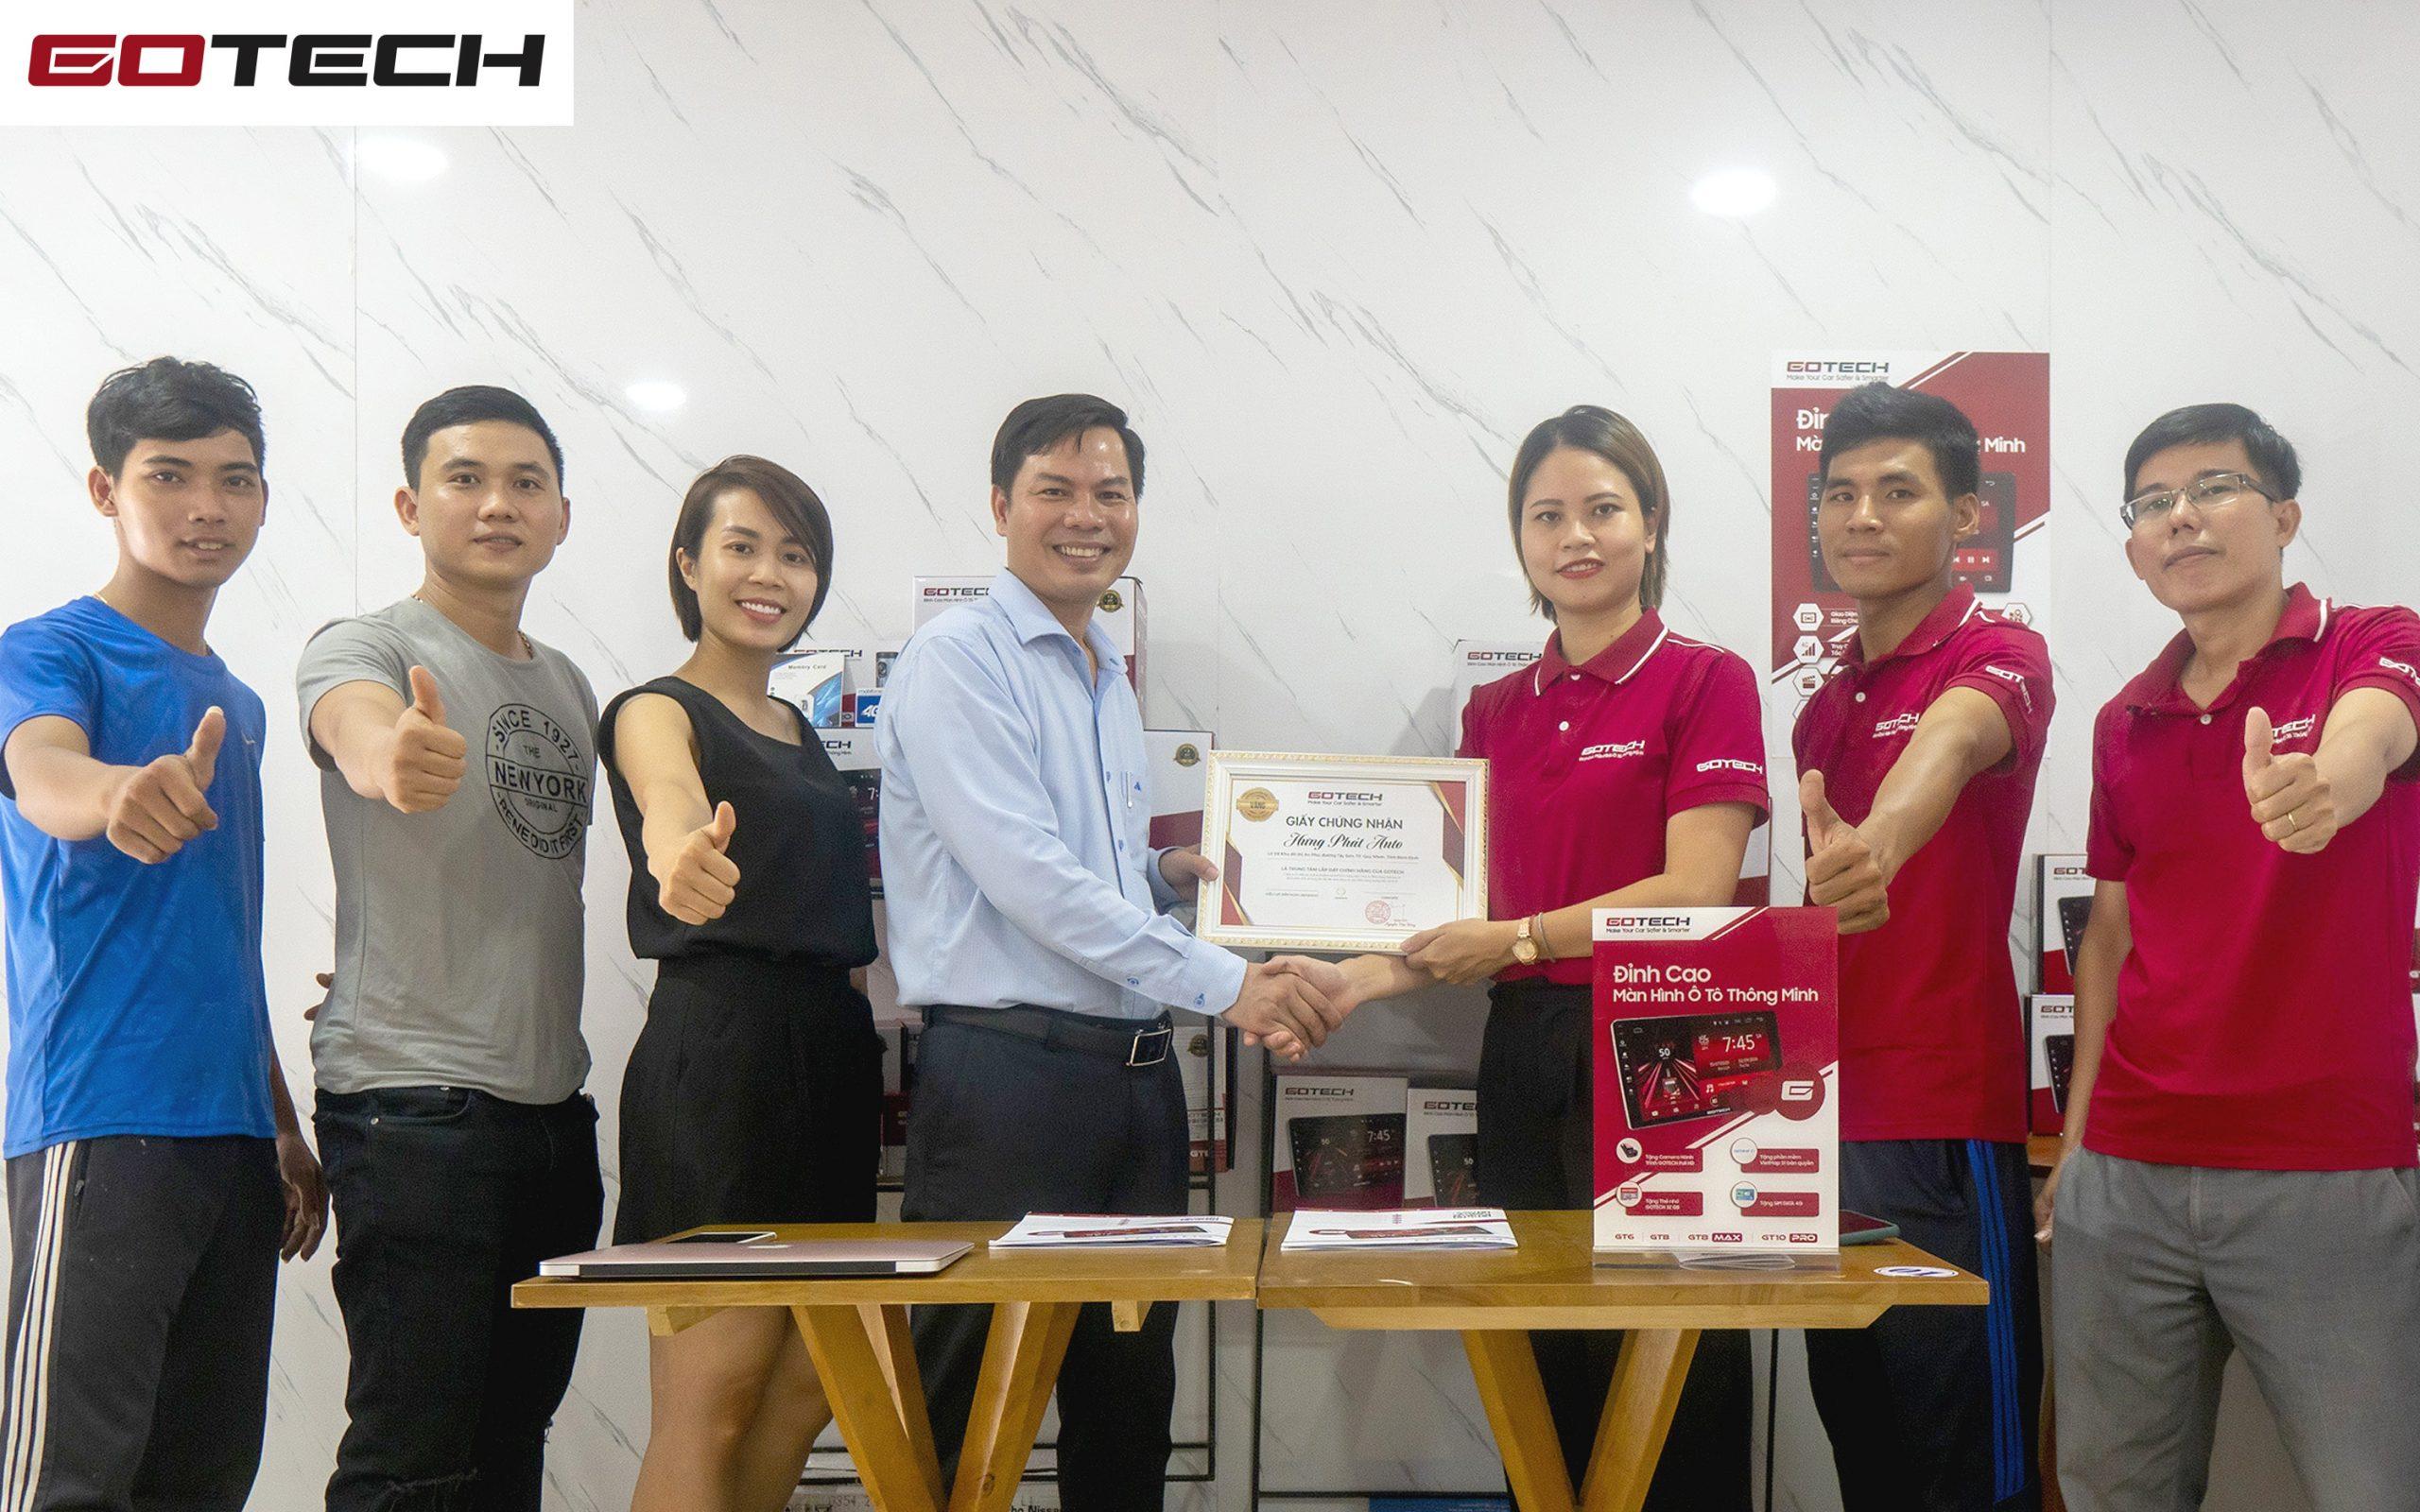 Hưng Phát Auto chính thức trở thành đại lý Vàng của GOTECH tại Quy Nhơn